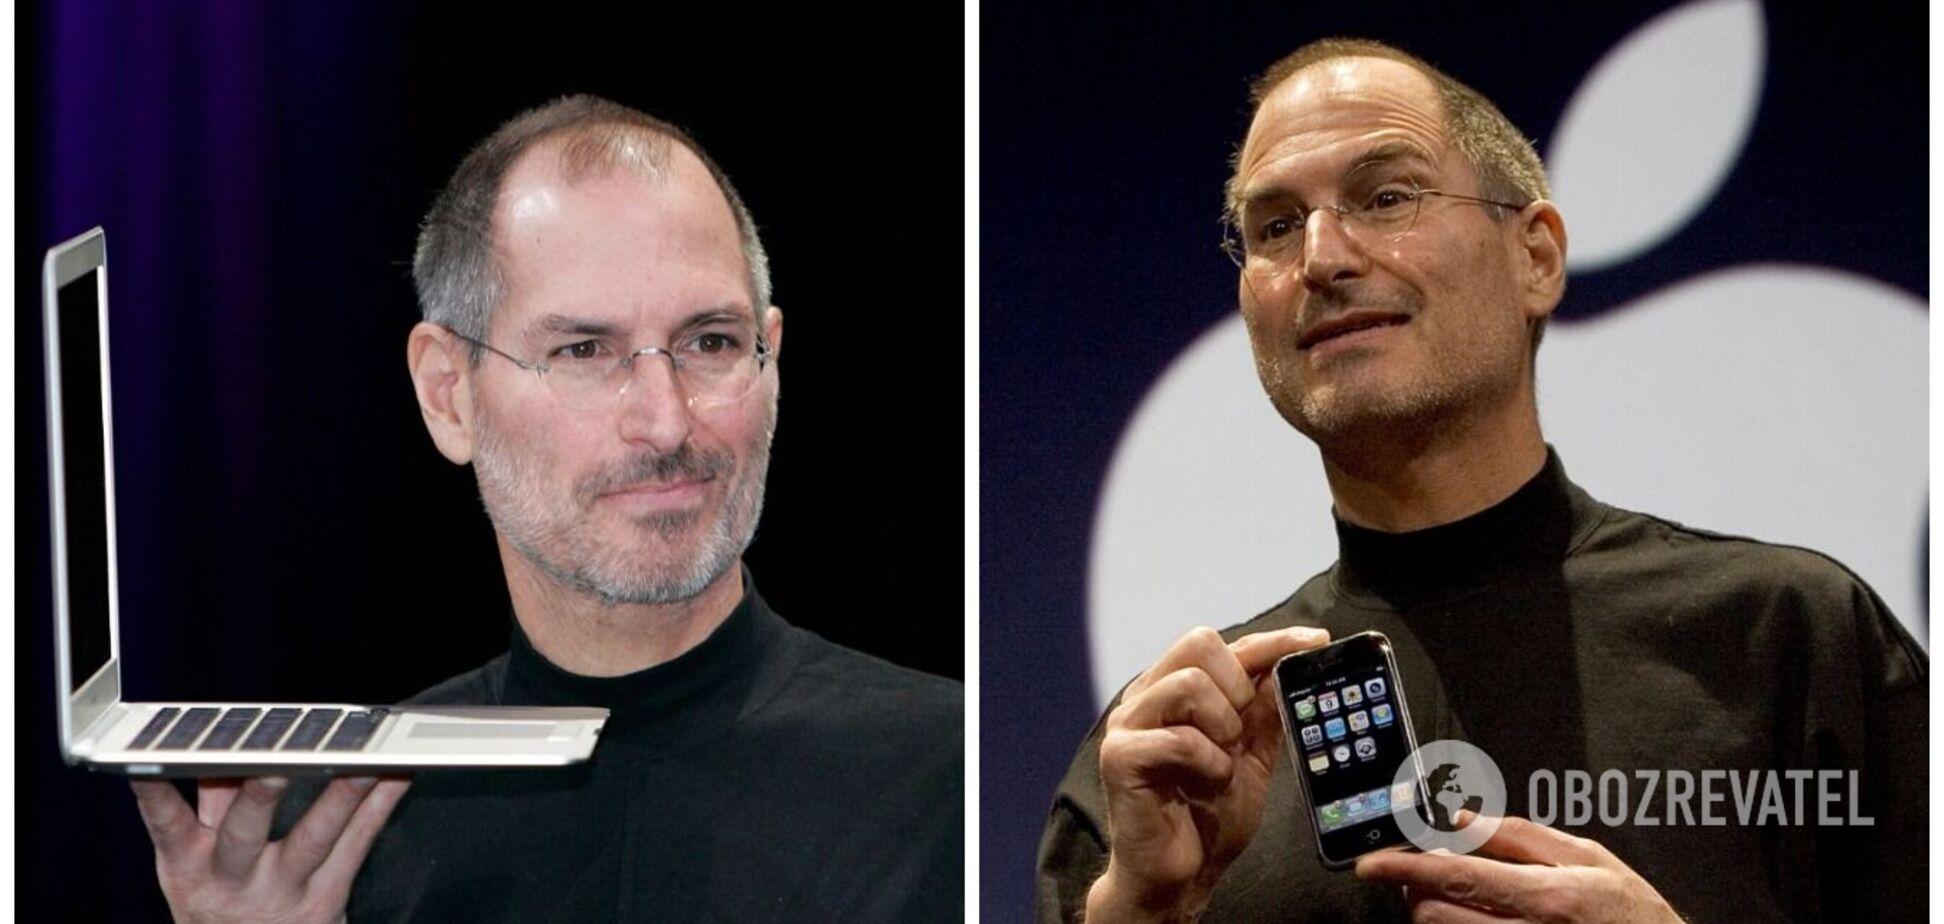 Стив Джобс родился 66 лет назад и перевернул мир с ног на голову: секреты успеха компьютерного гения